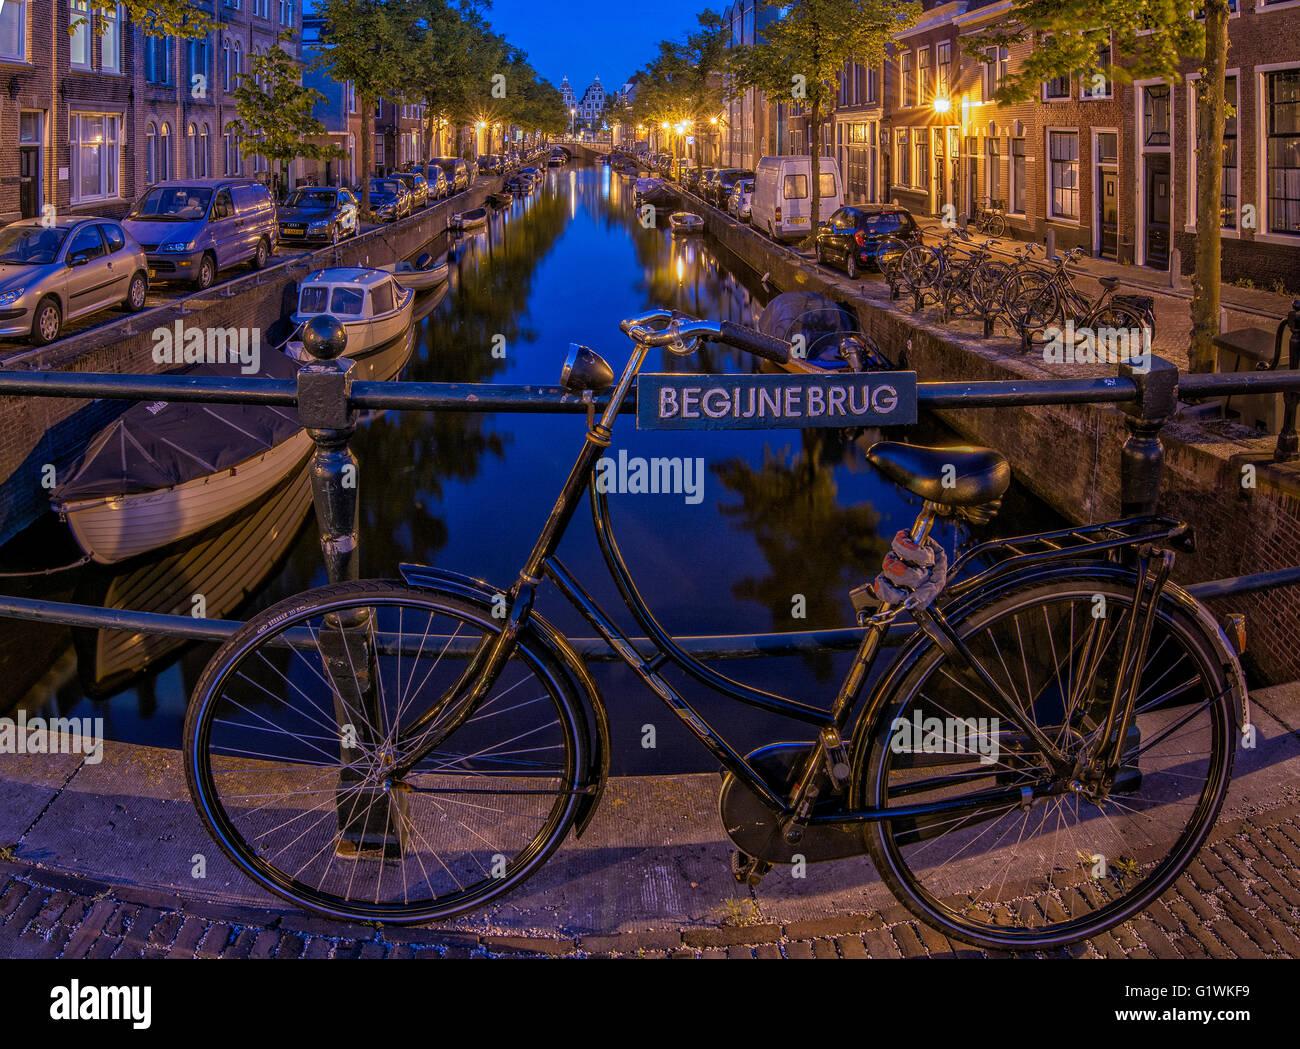 De Begijnebrug in de Noord-Hollandse plaats Haarlem is een brug over de Bakenessergracht. De brug is gesitueerd - Stock Image